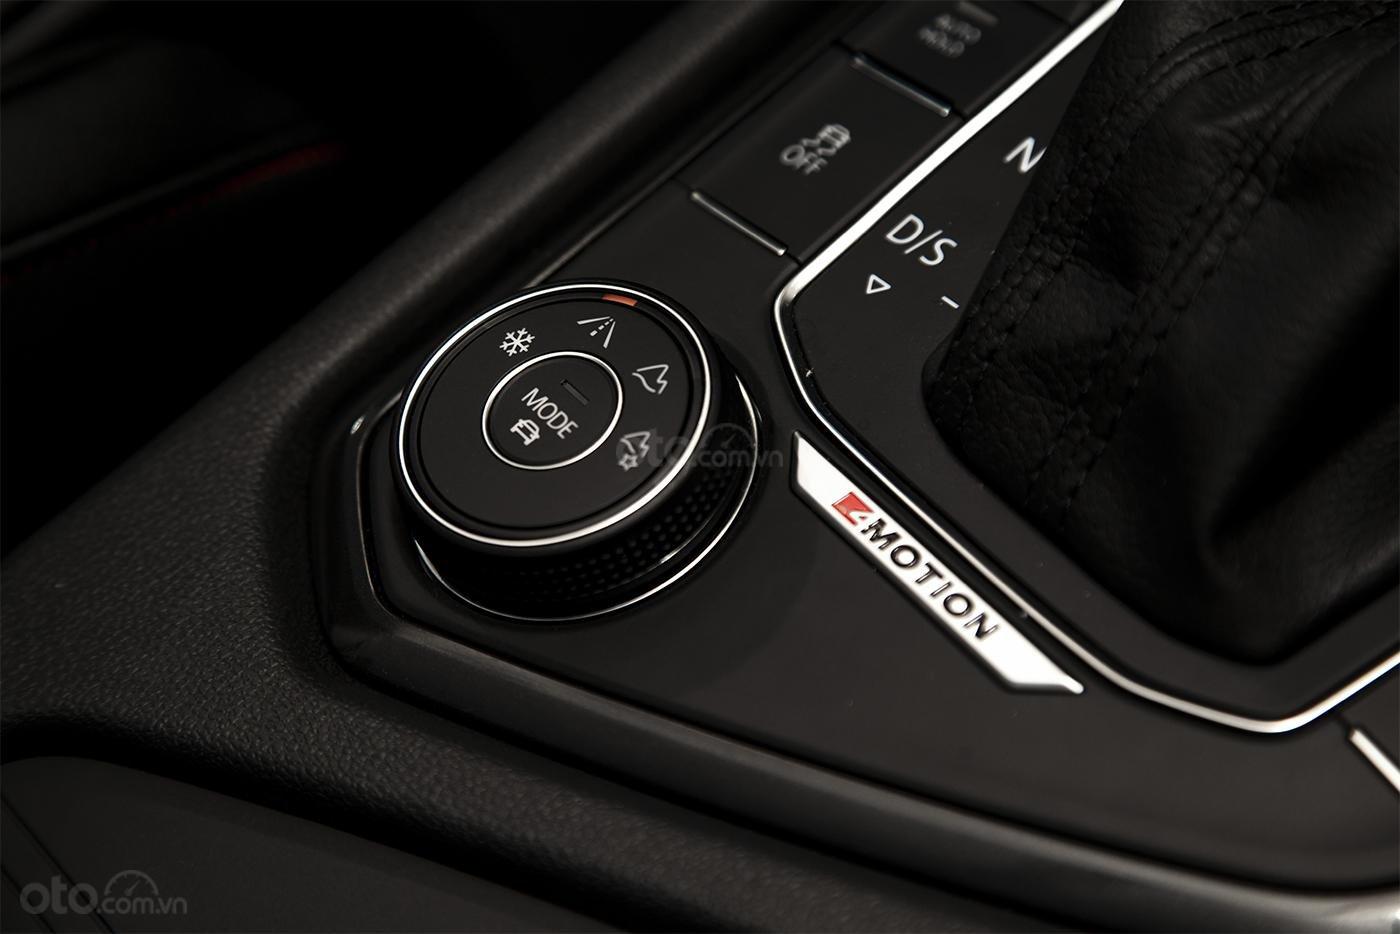 Tiguan Luxury S Màu xám - Phiên bản Offroad khuyến mãi hấp dẫn - Xe đủ màu giao ngay (9)